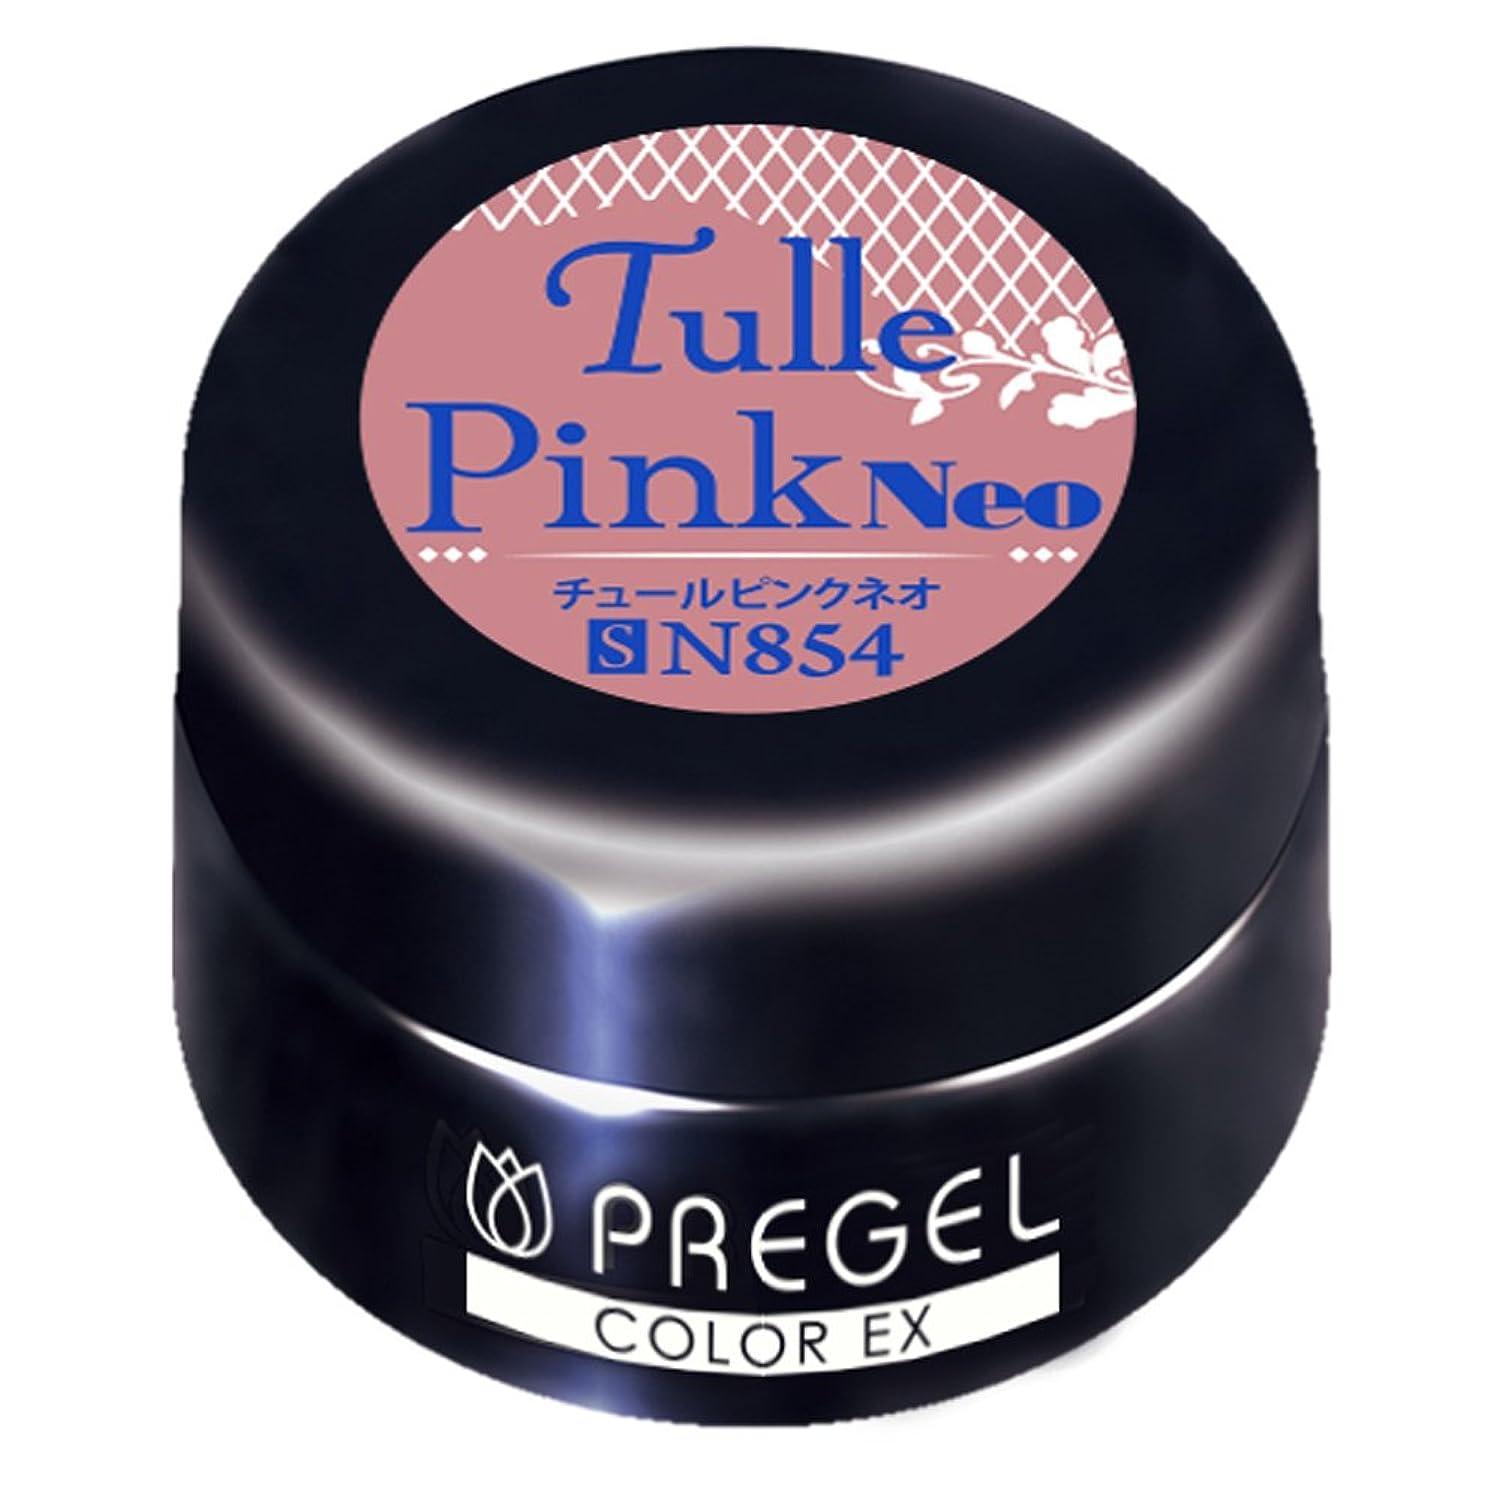 頭蓋骨皮威信PRE GEL カラーEX チュールピンクneo854 3g UV/LED対応